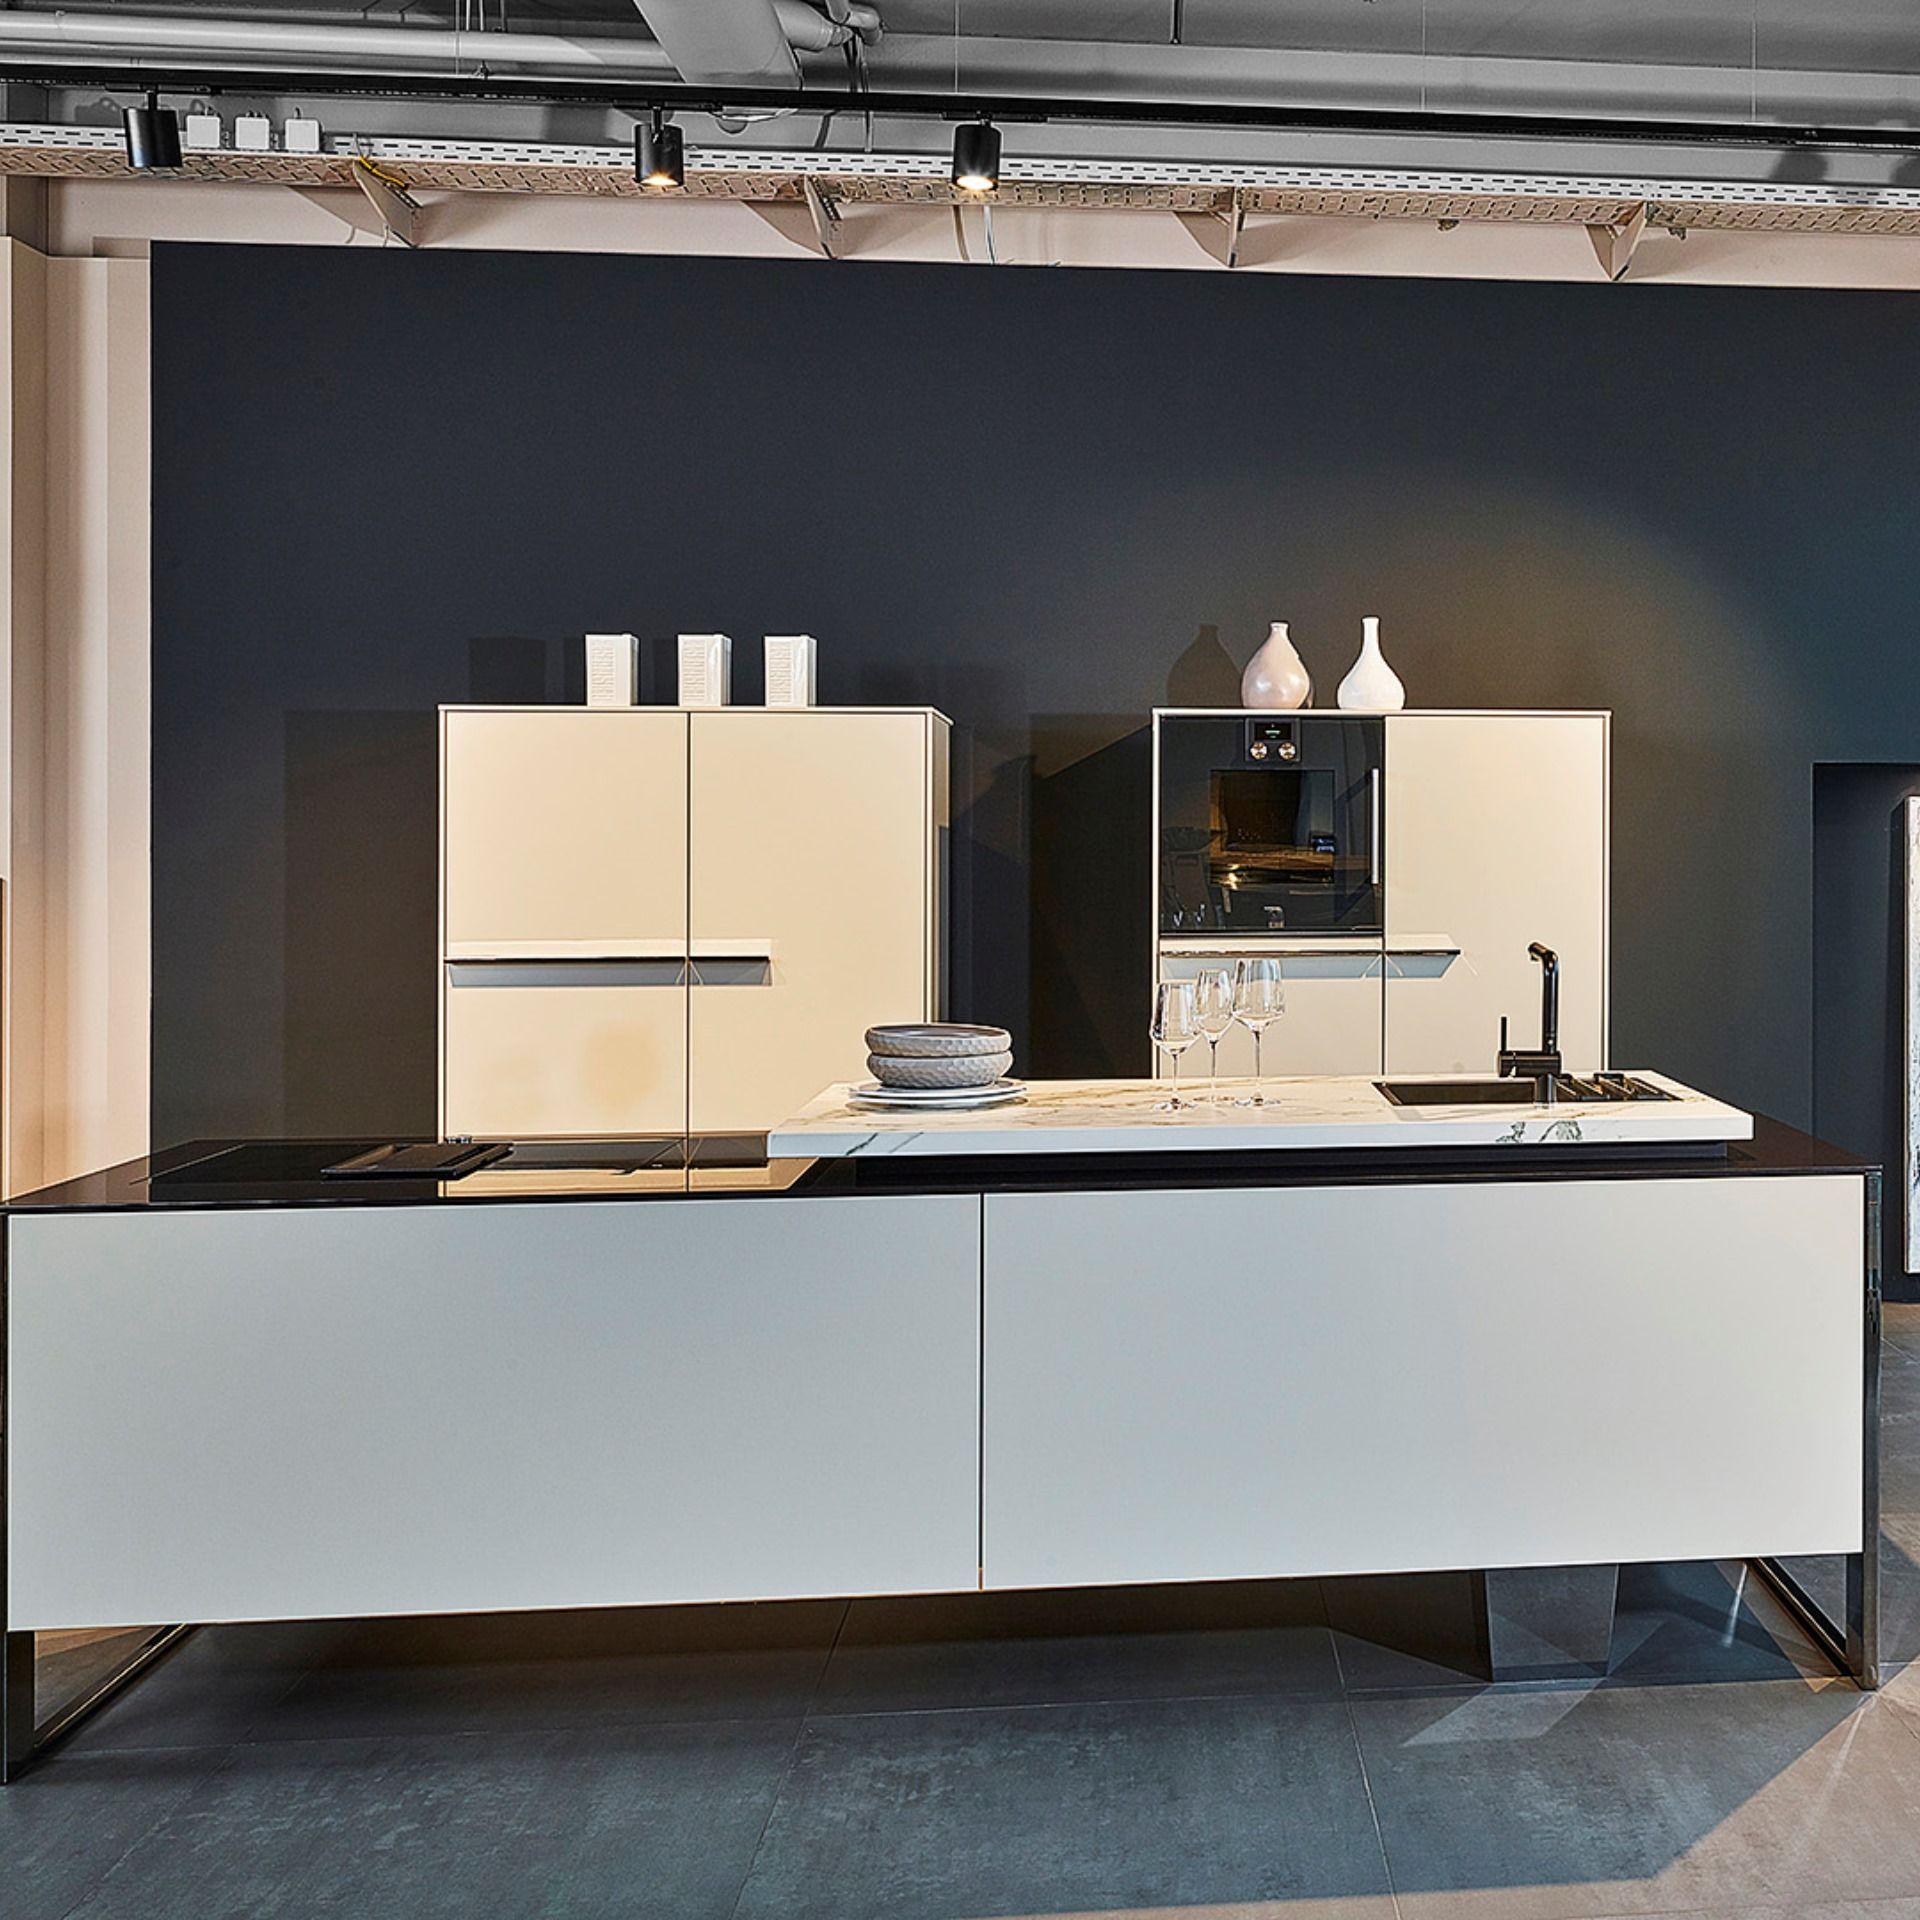 Full Size of Diese Moderne Poggenpohl Kche In Kieselgrau Matt Steht Unserer Küchen Regal Wohnzimmer Poggenpohl Küchen